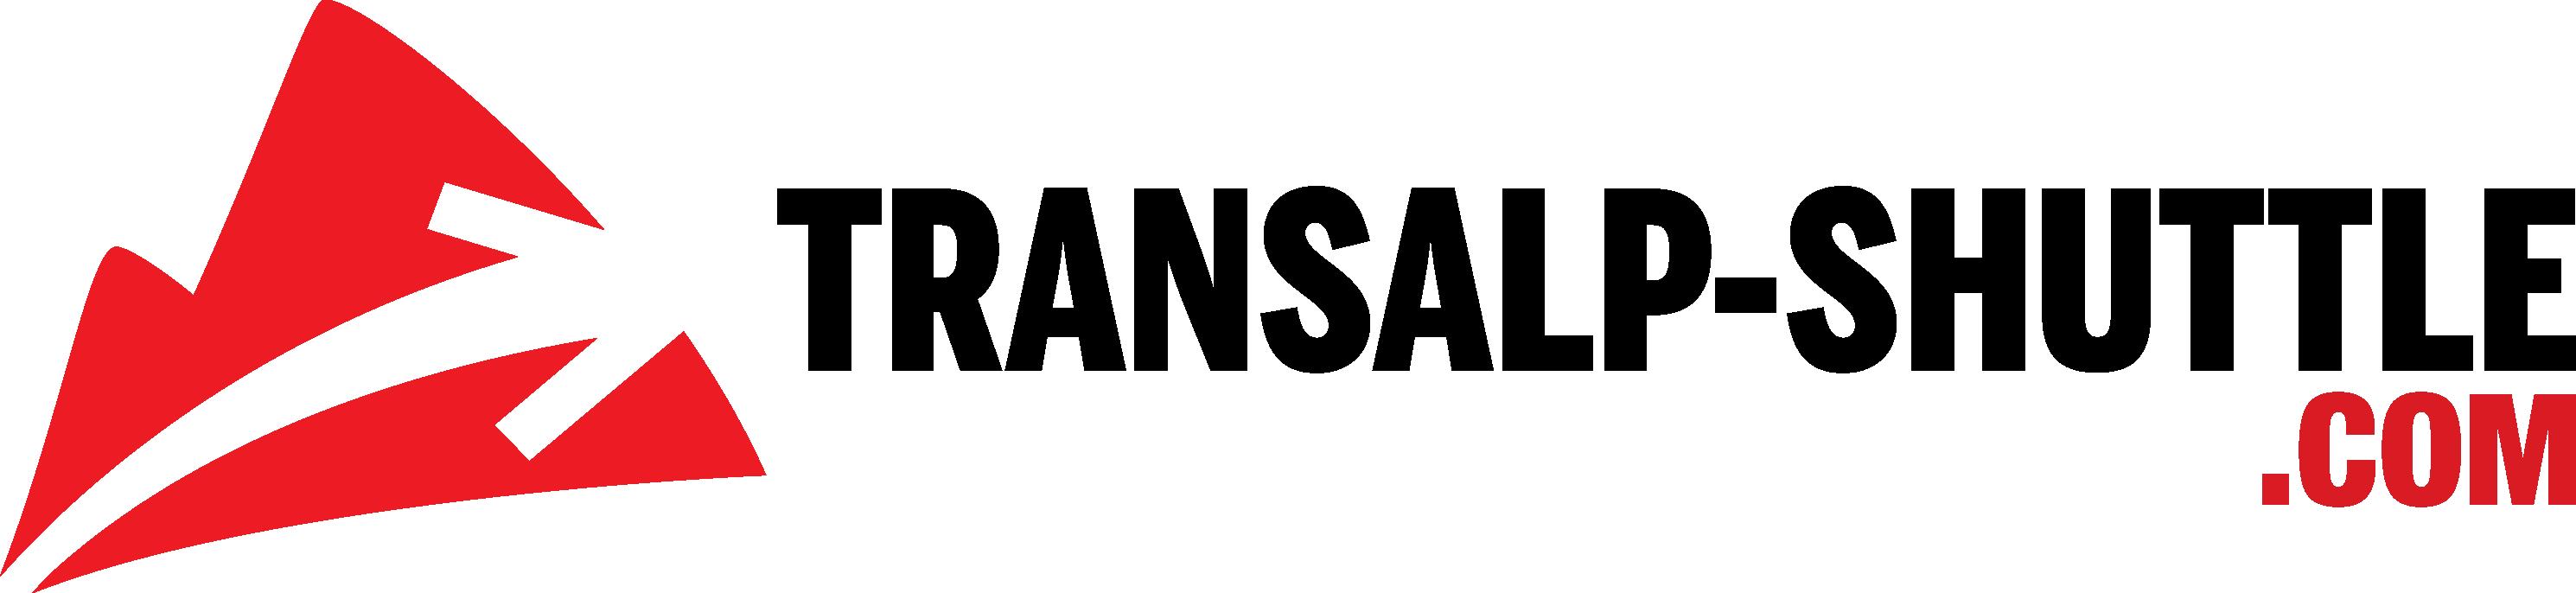 banner 391x90